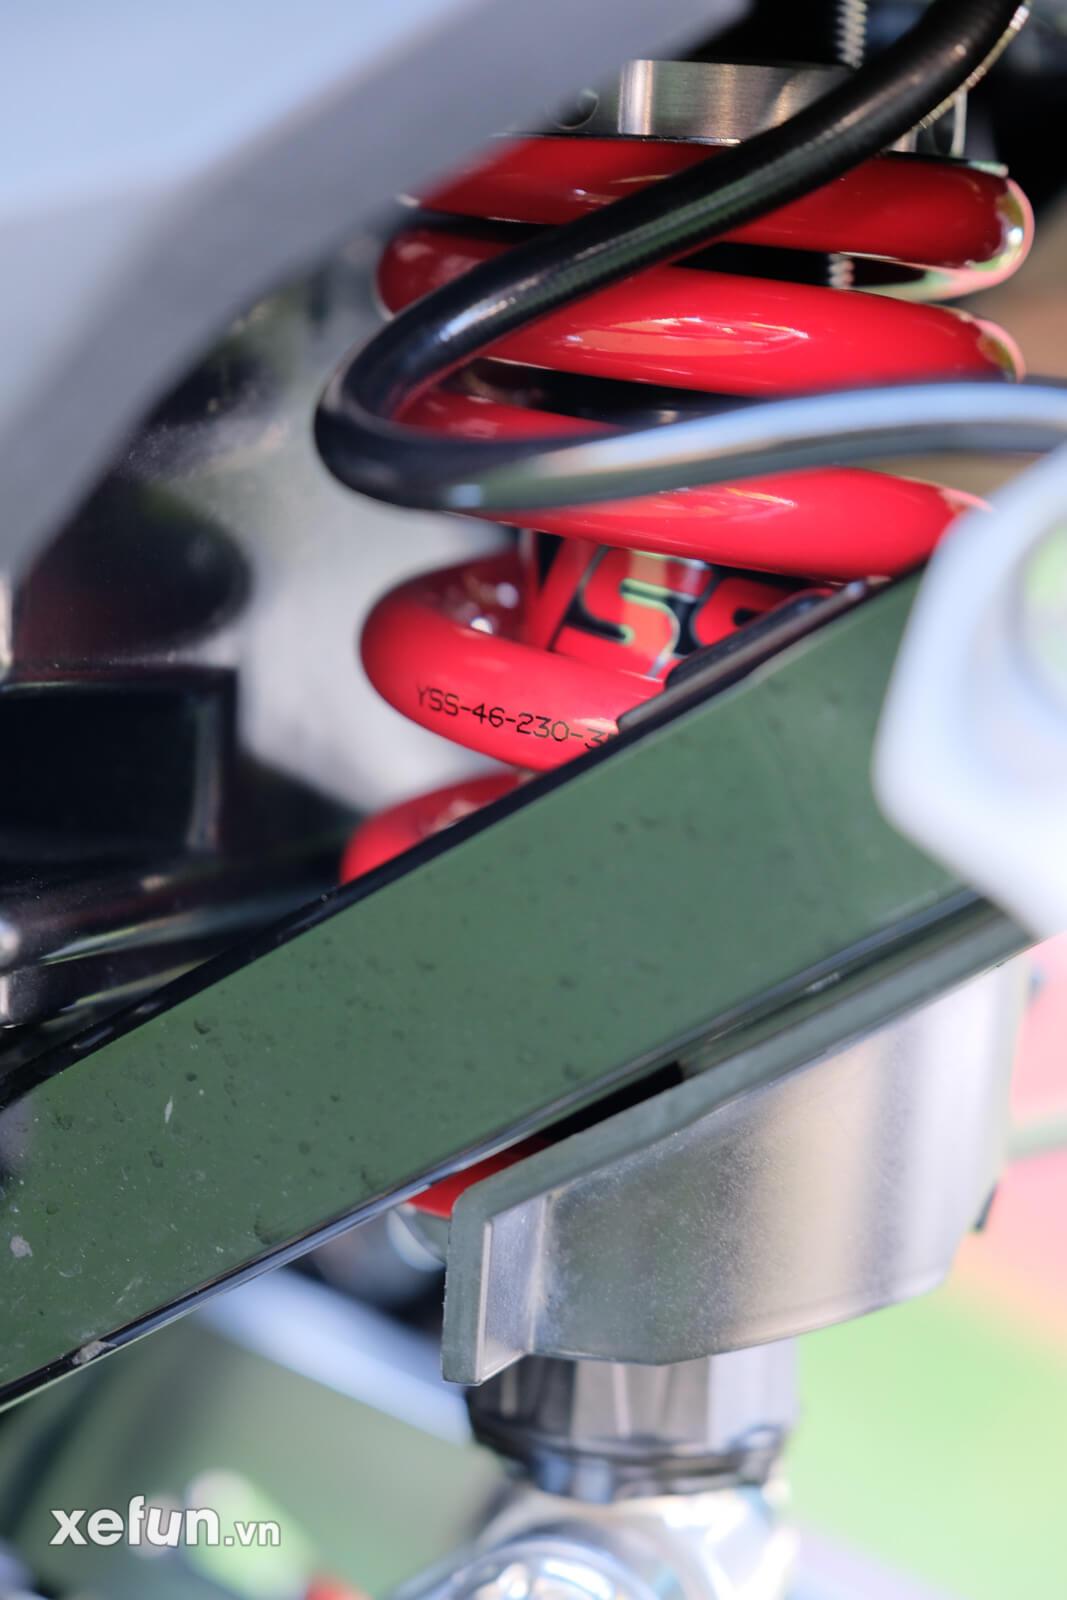 Honda sonic 150r độ trái 65 + 4 giá hơn 80 triệu đồng Xefun - 3546 656